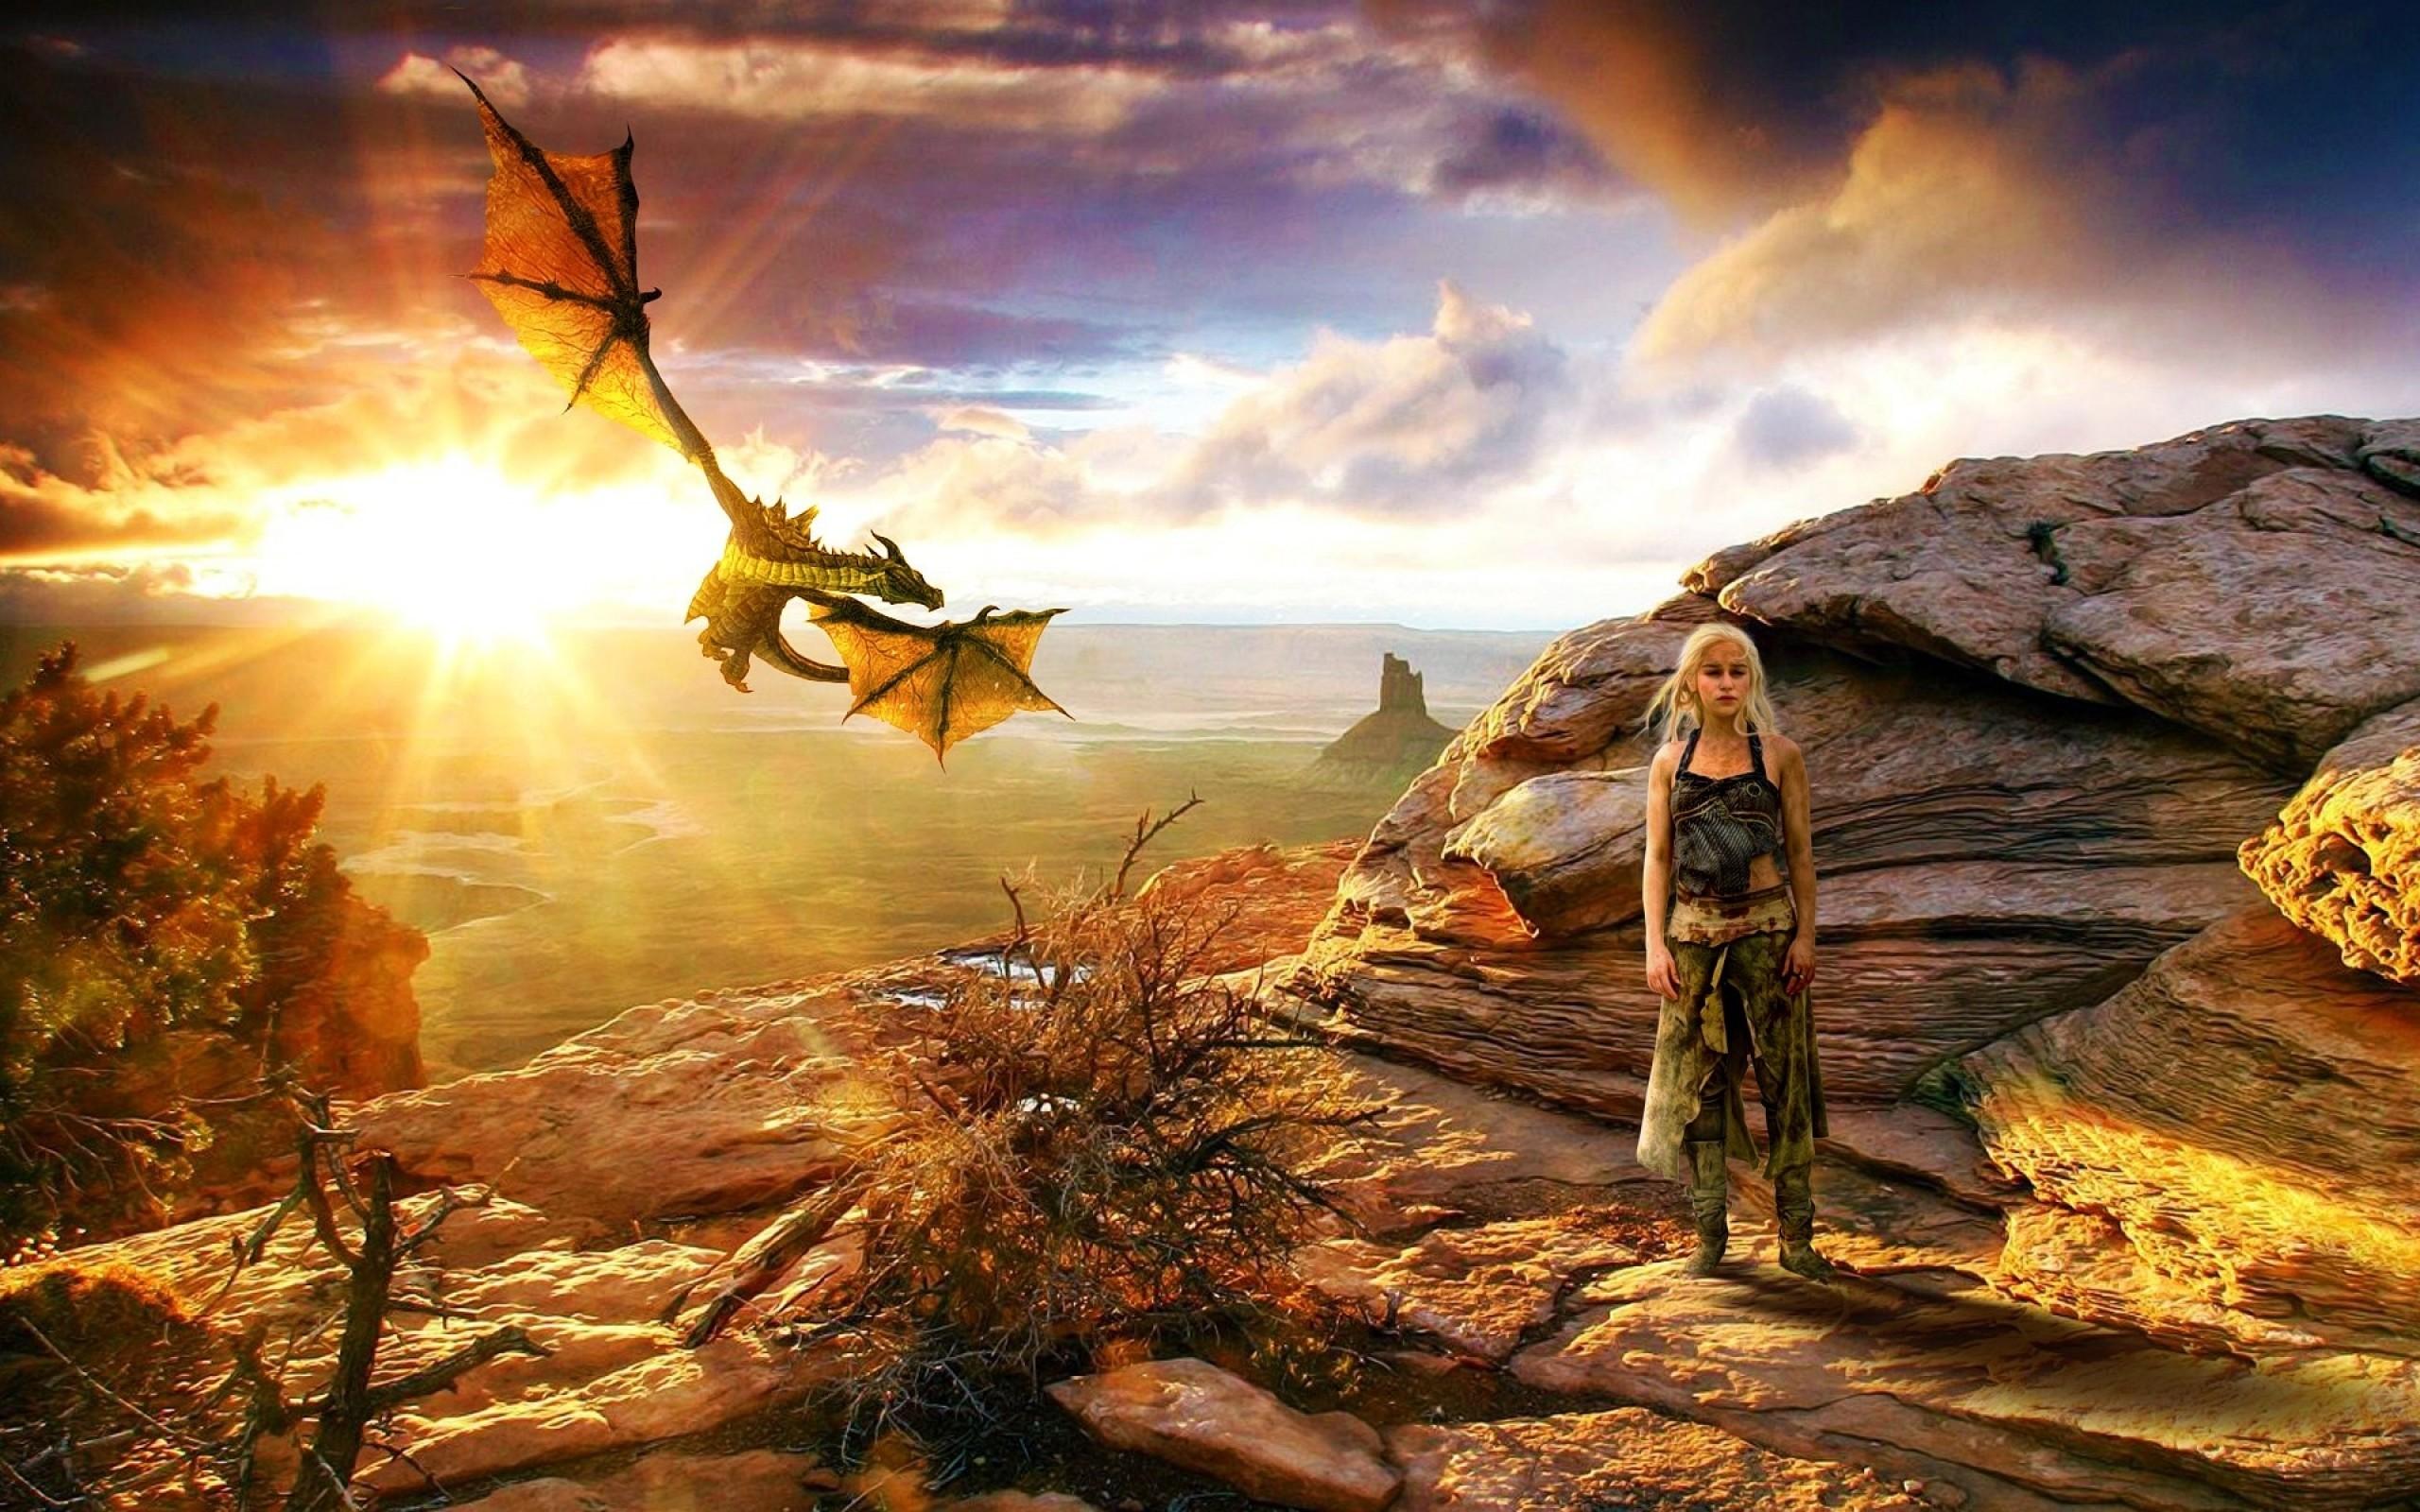 Game Of Thrones Season Daenerys Targaryen Wallpaper HD